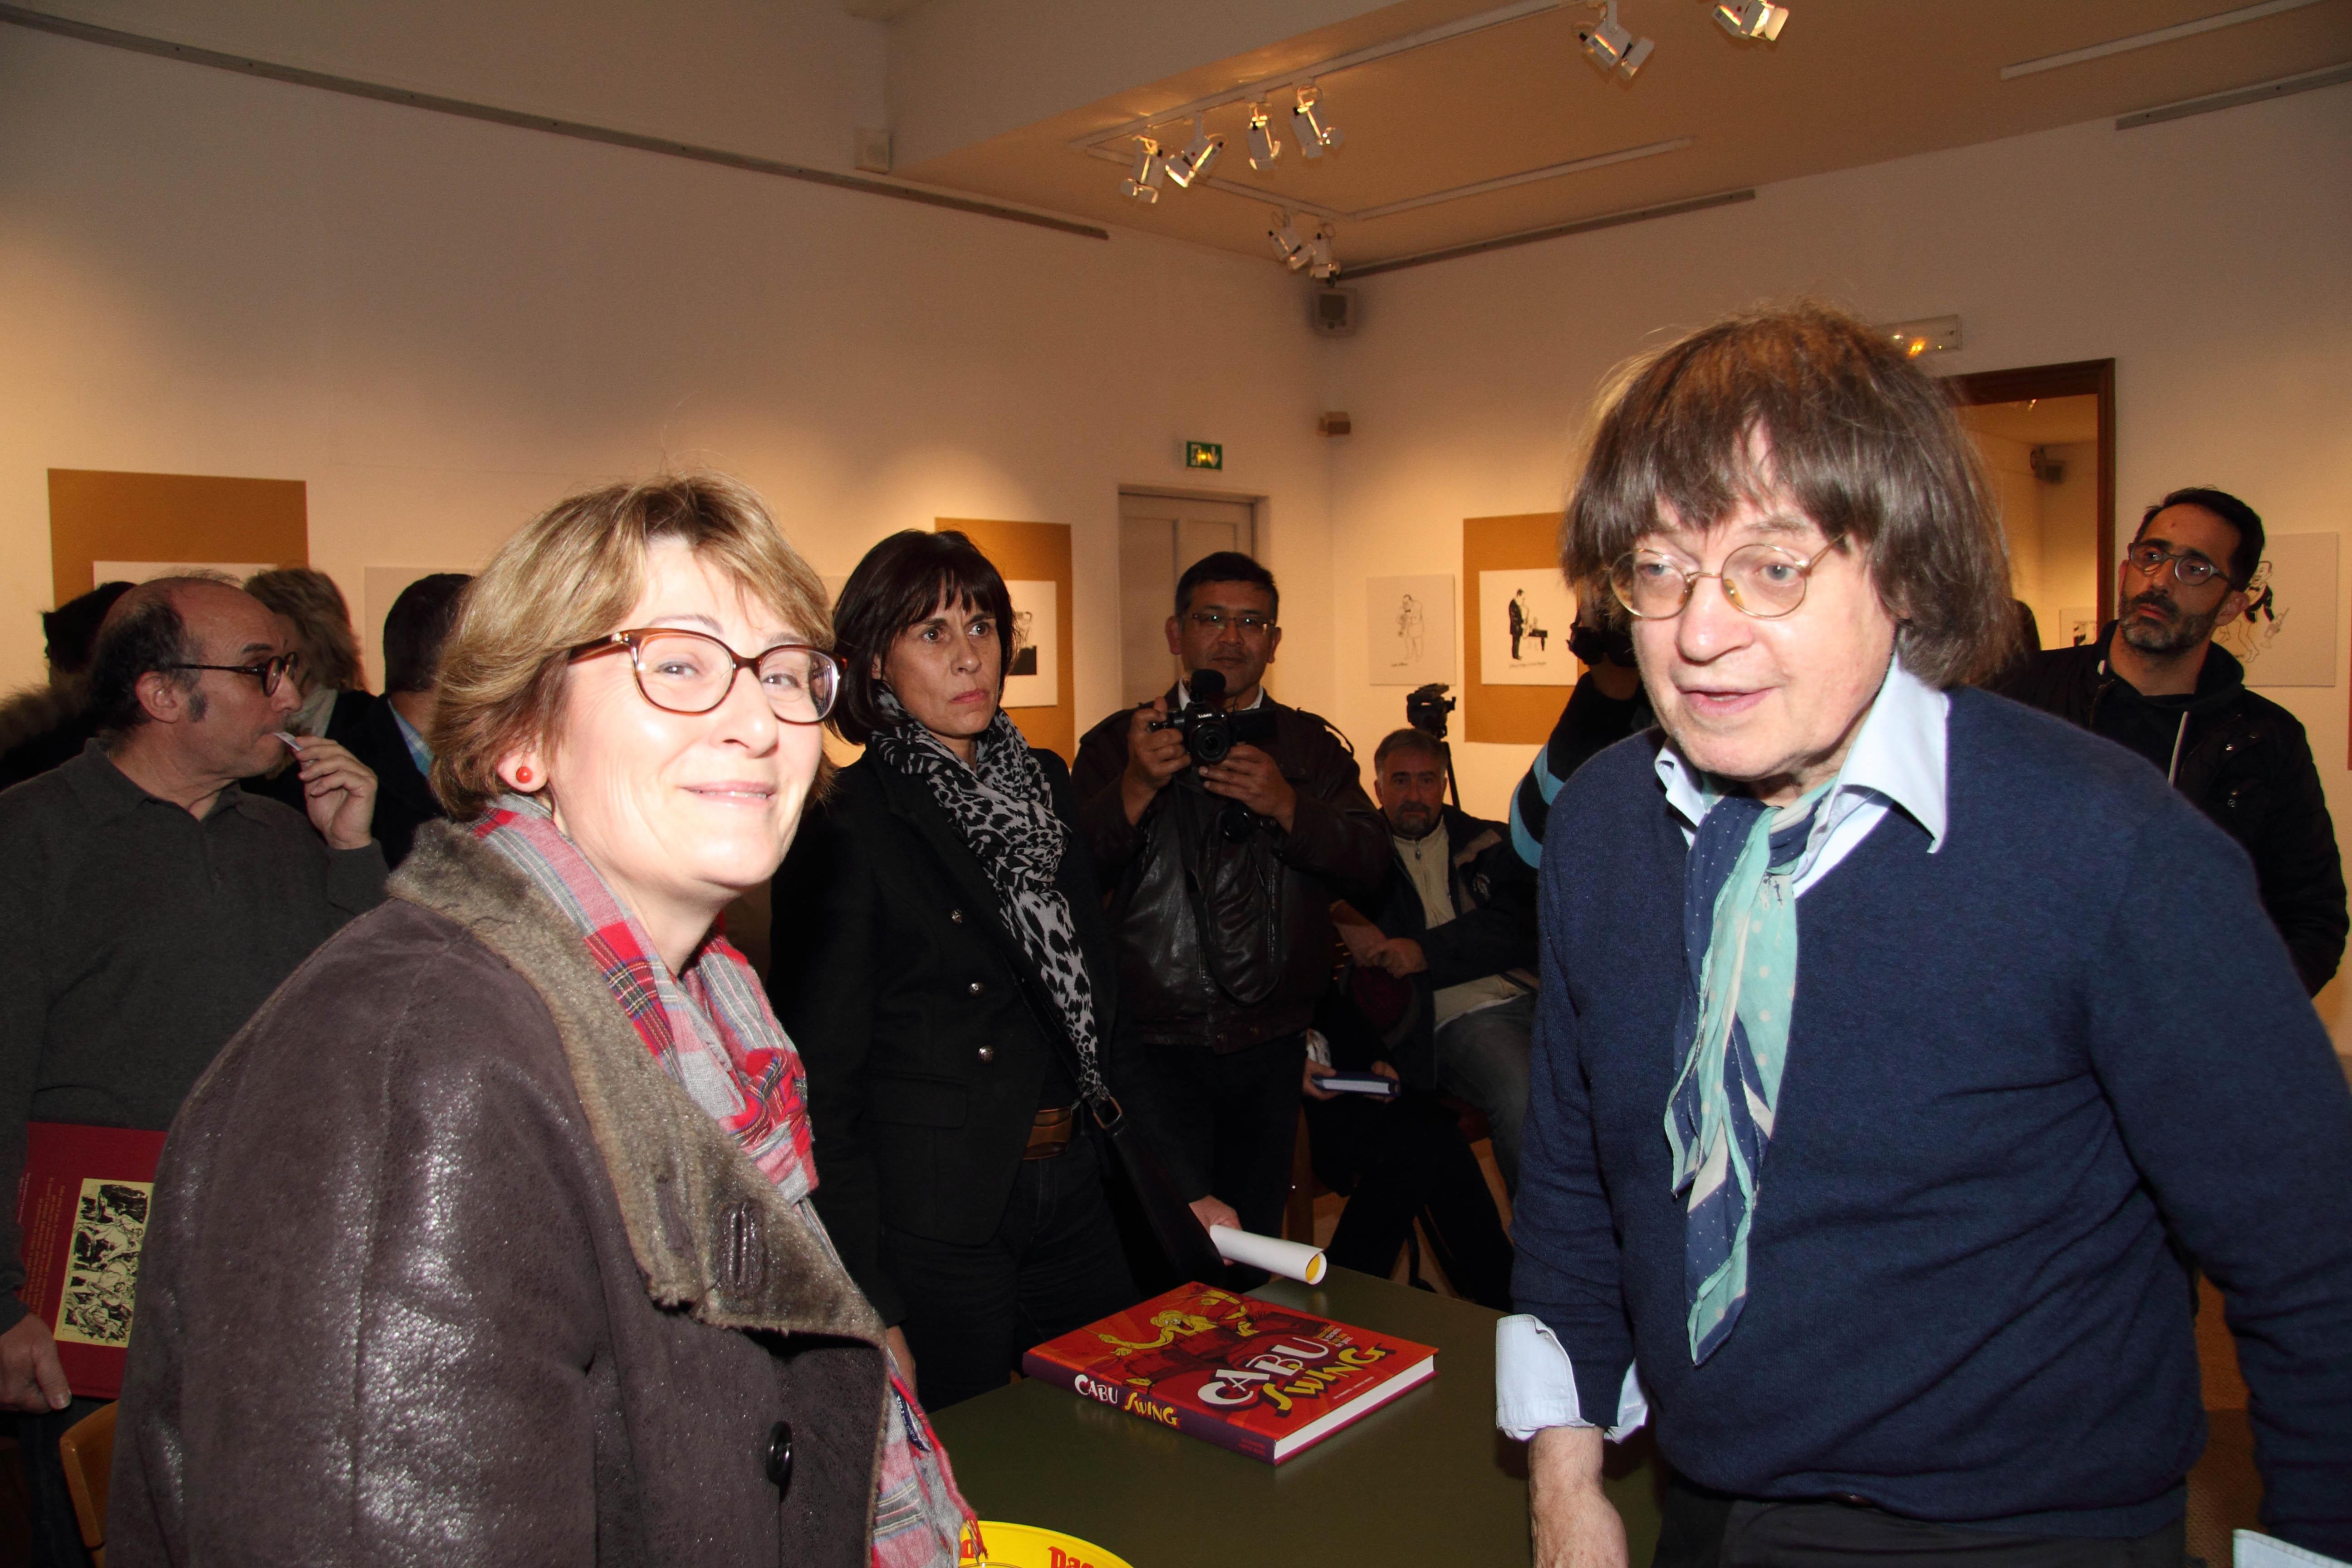 (Rosny sur seine) Exposition Cabu à l'Hospice St Charles - Cabu et la député Françoise Descamp-Crosnier